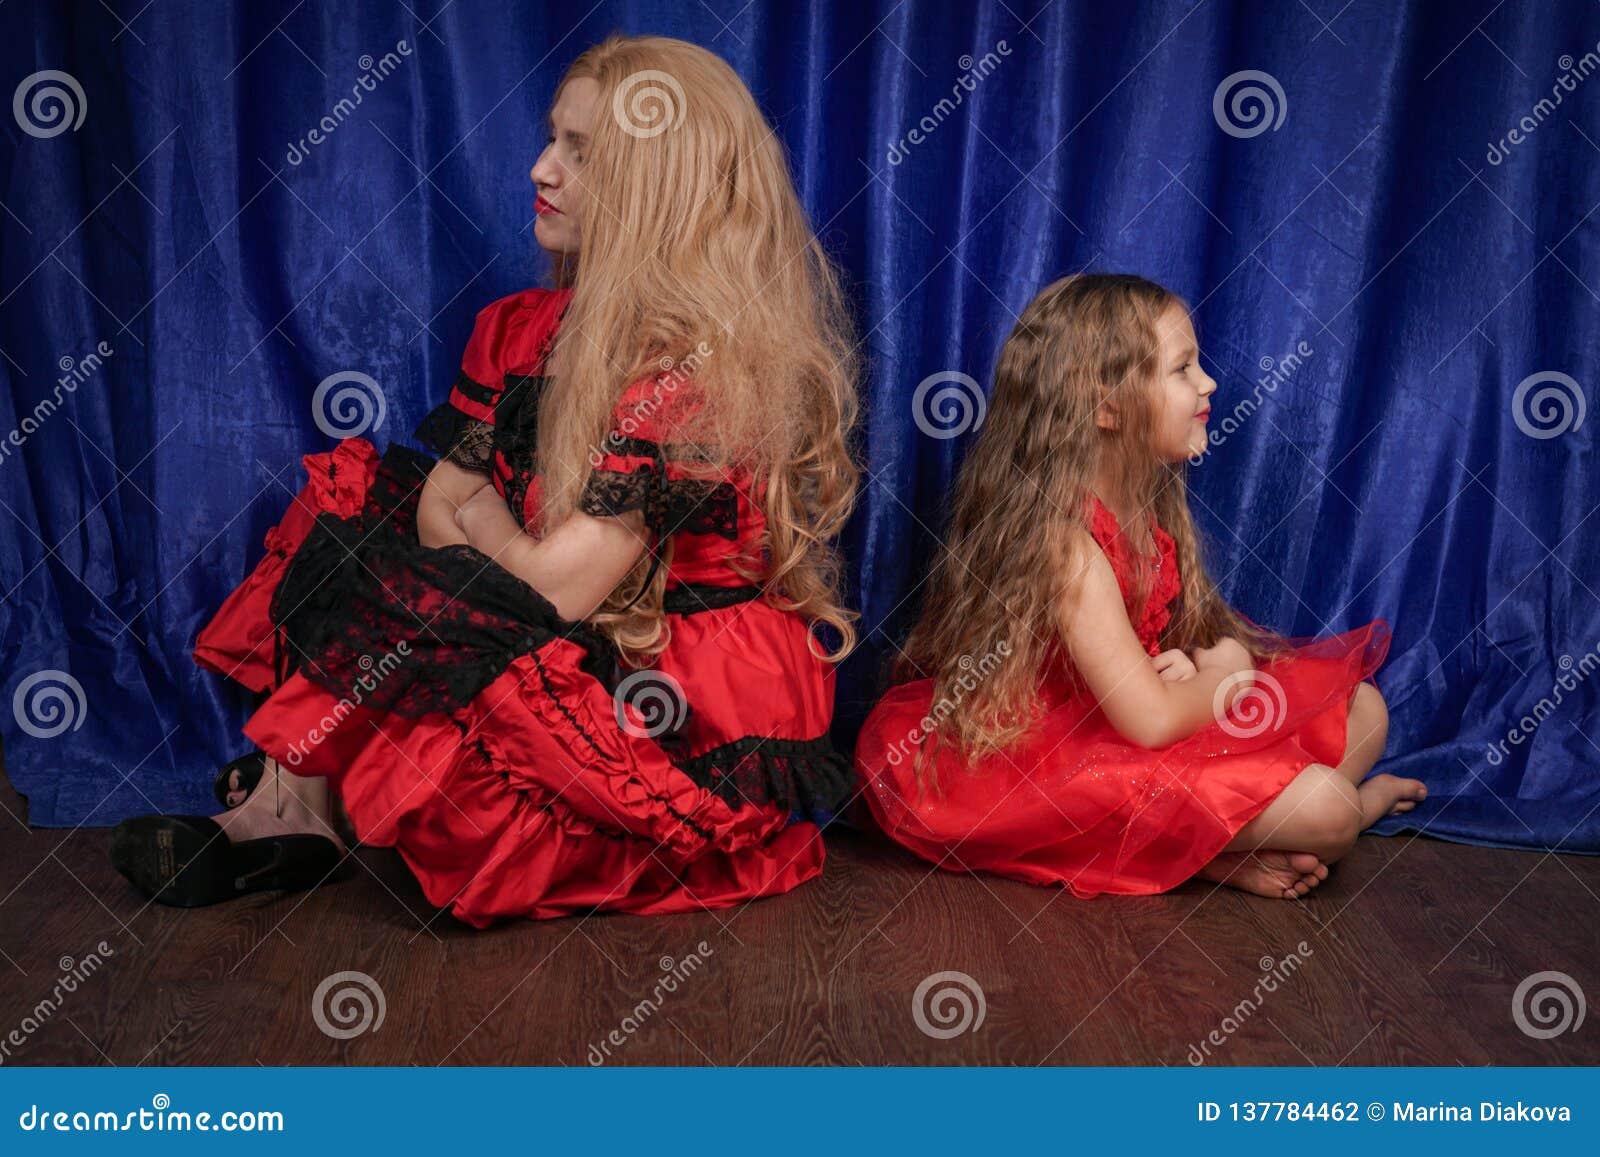 Mutter und Tochter sind beleidigt sitzend und auf dem Boden Mutter versucht, Frieden und Freundschaft mit dem Kind herzustellen